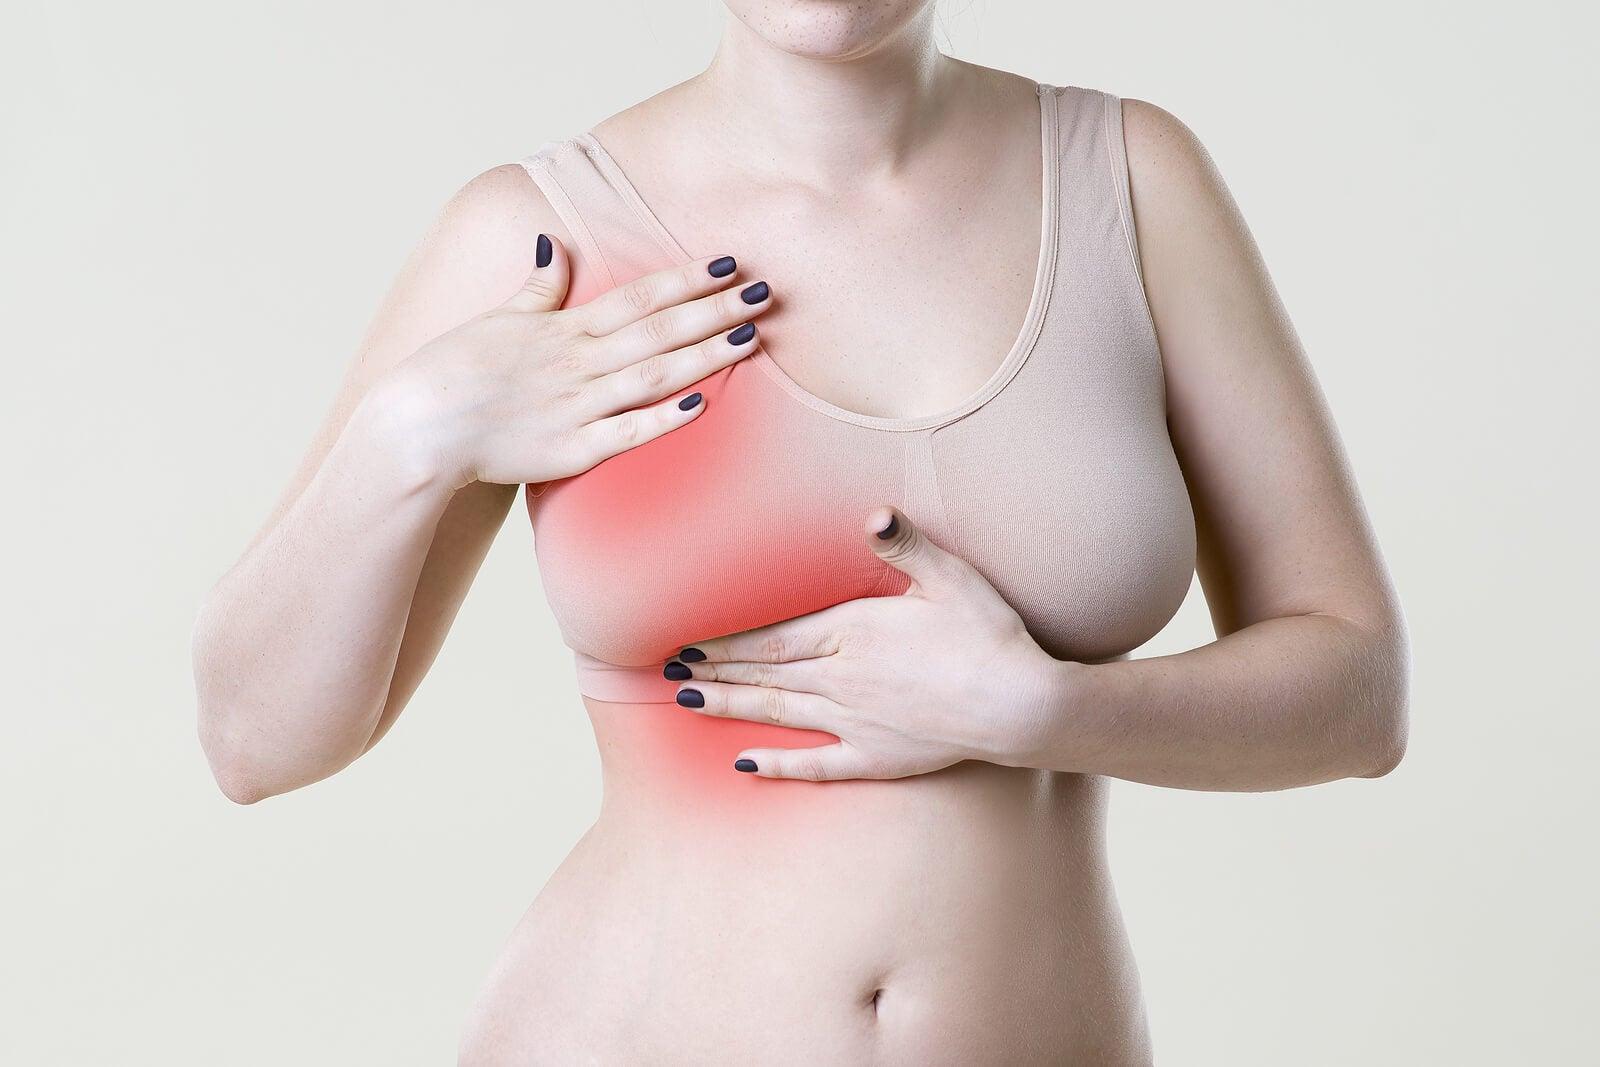 7 razones por las cuales pueden doler los senos